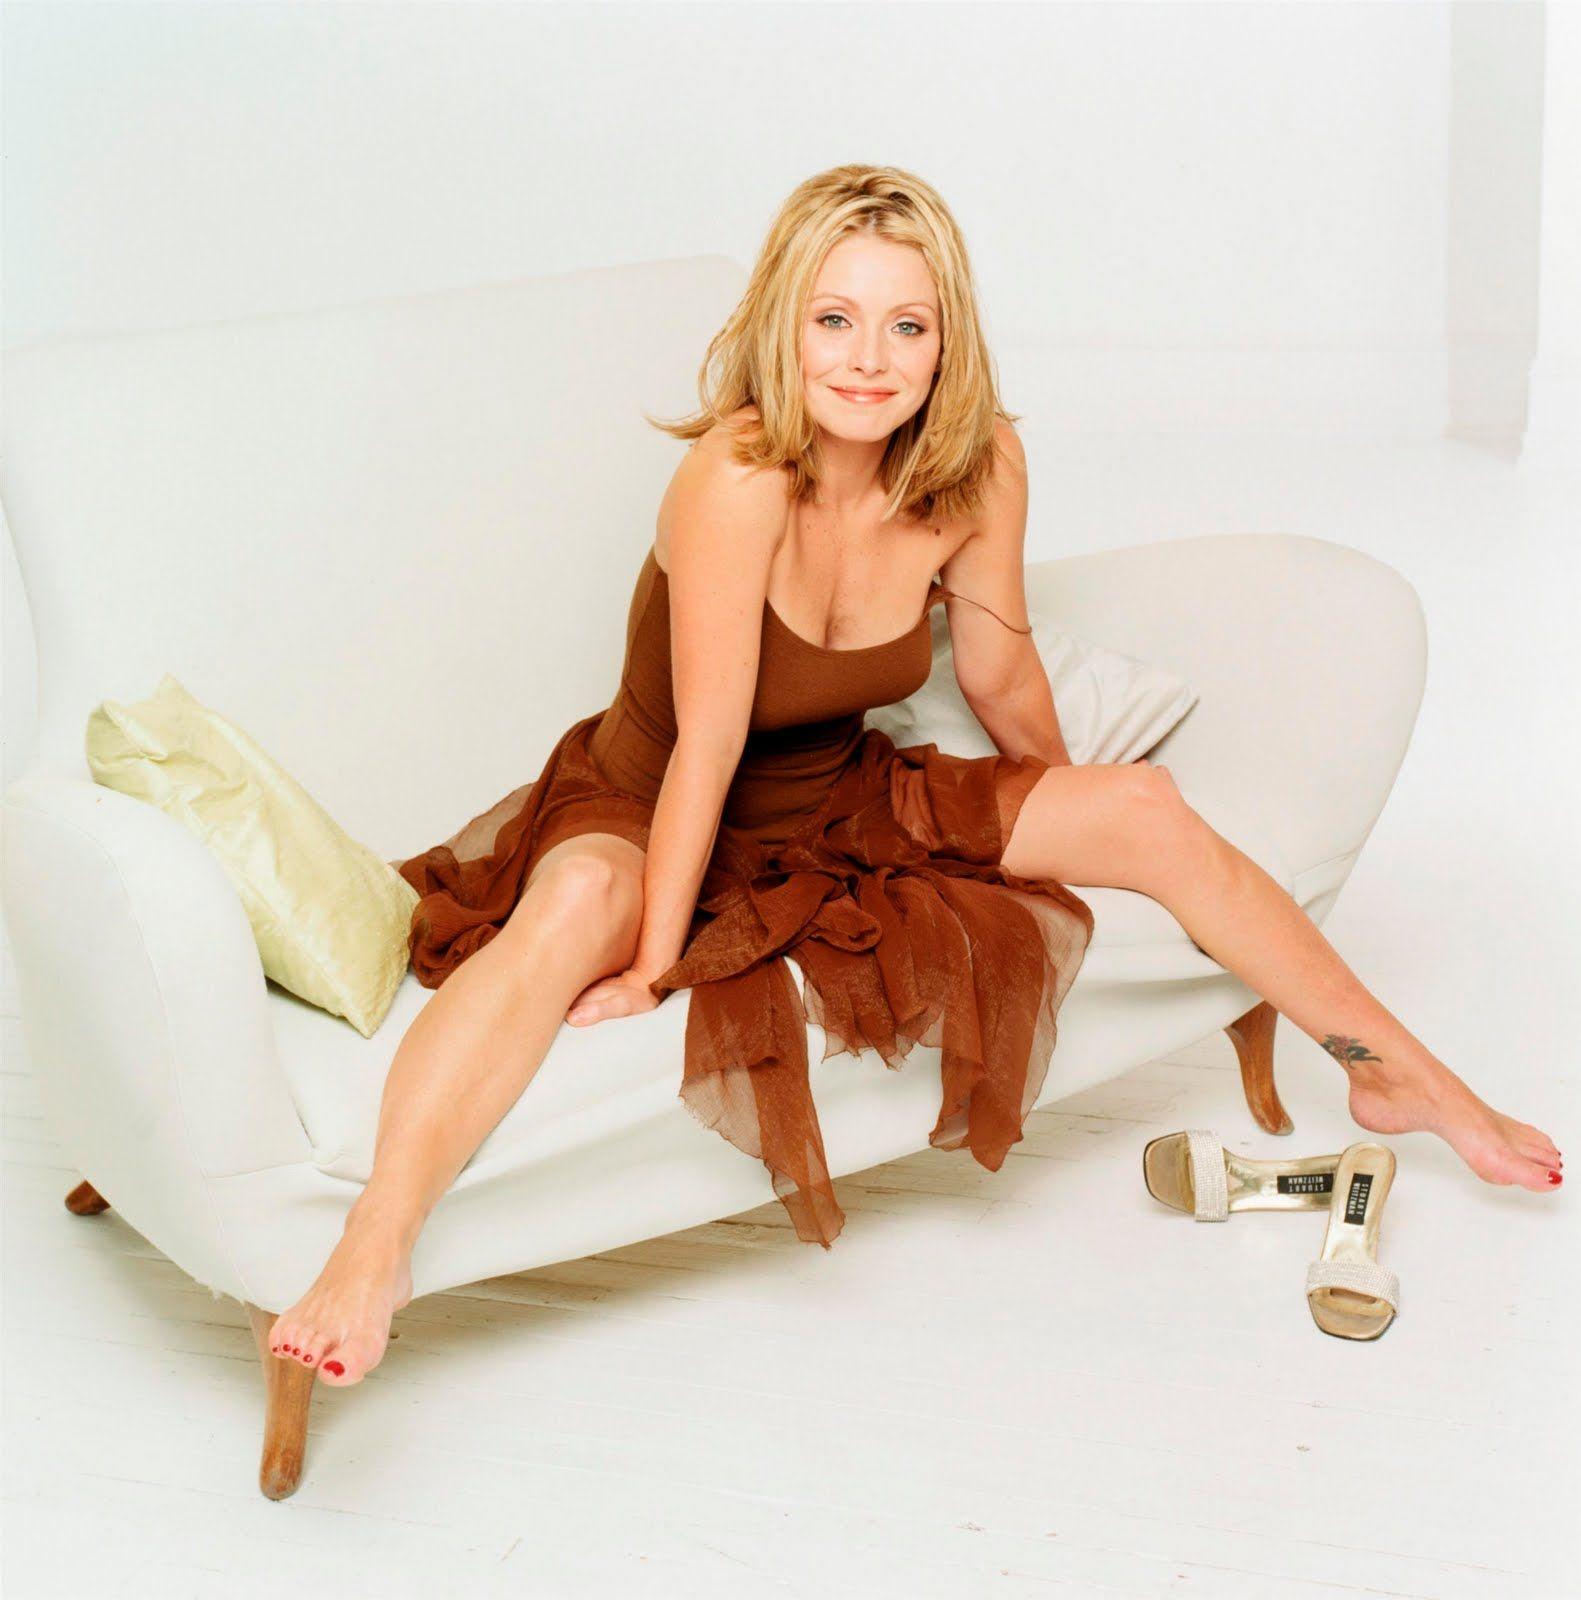 Celebrity Photo Galleries @ ...::: BestEyeCandy.com